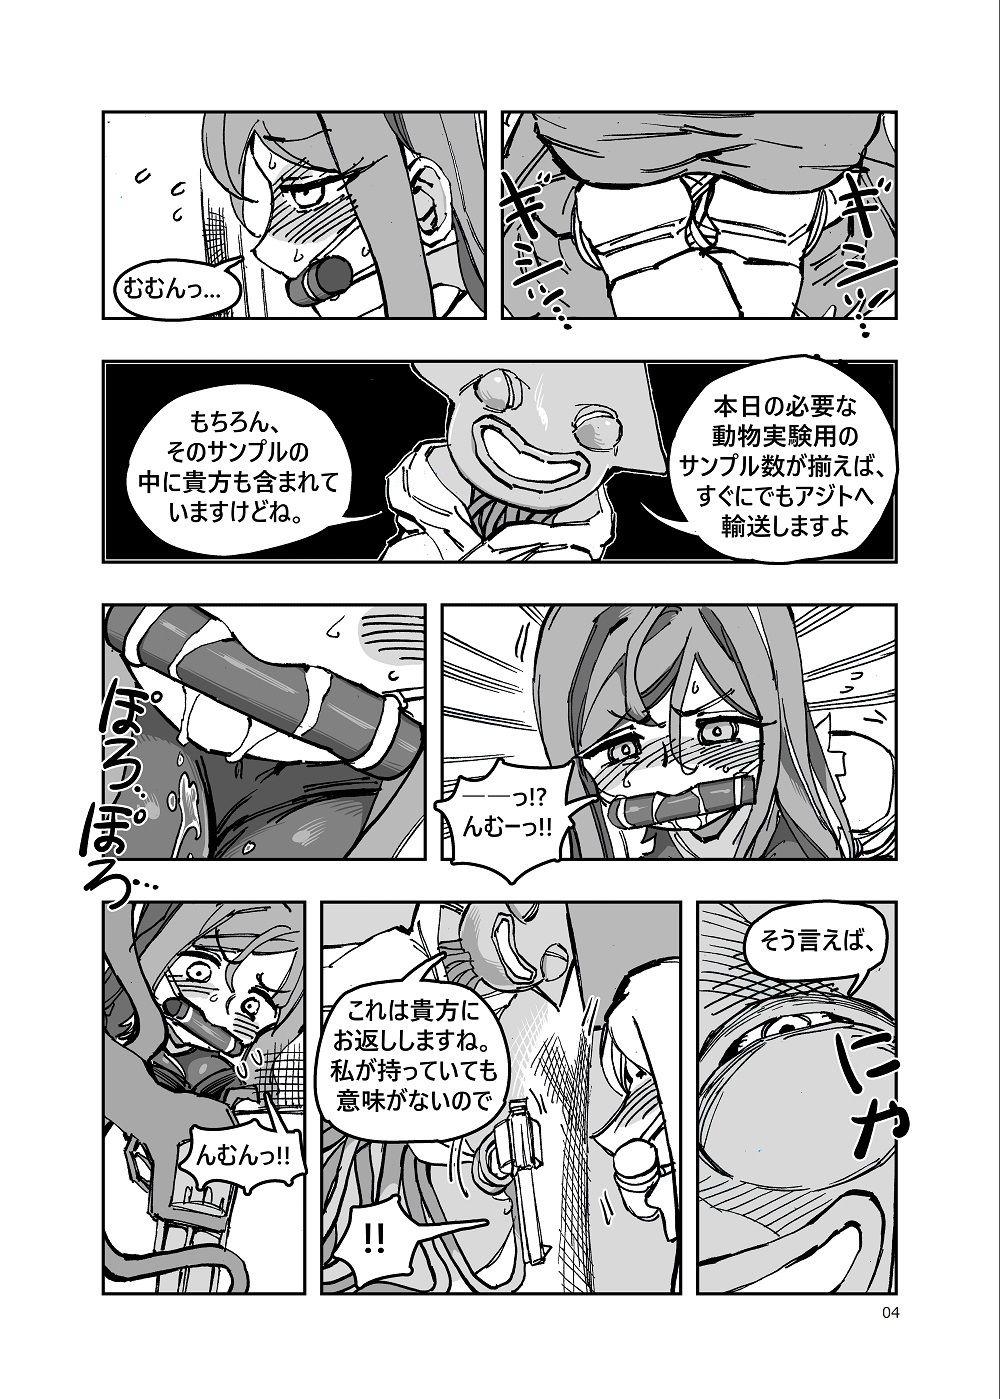 魔法少女ウェスタンガールズ 漫画版 第2話後編